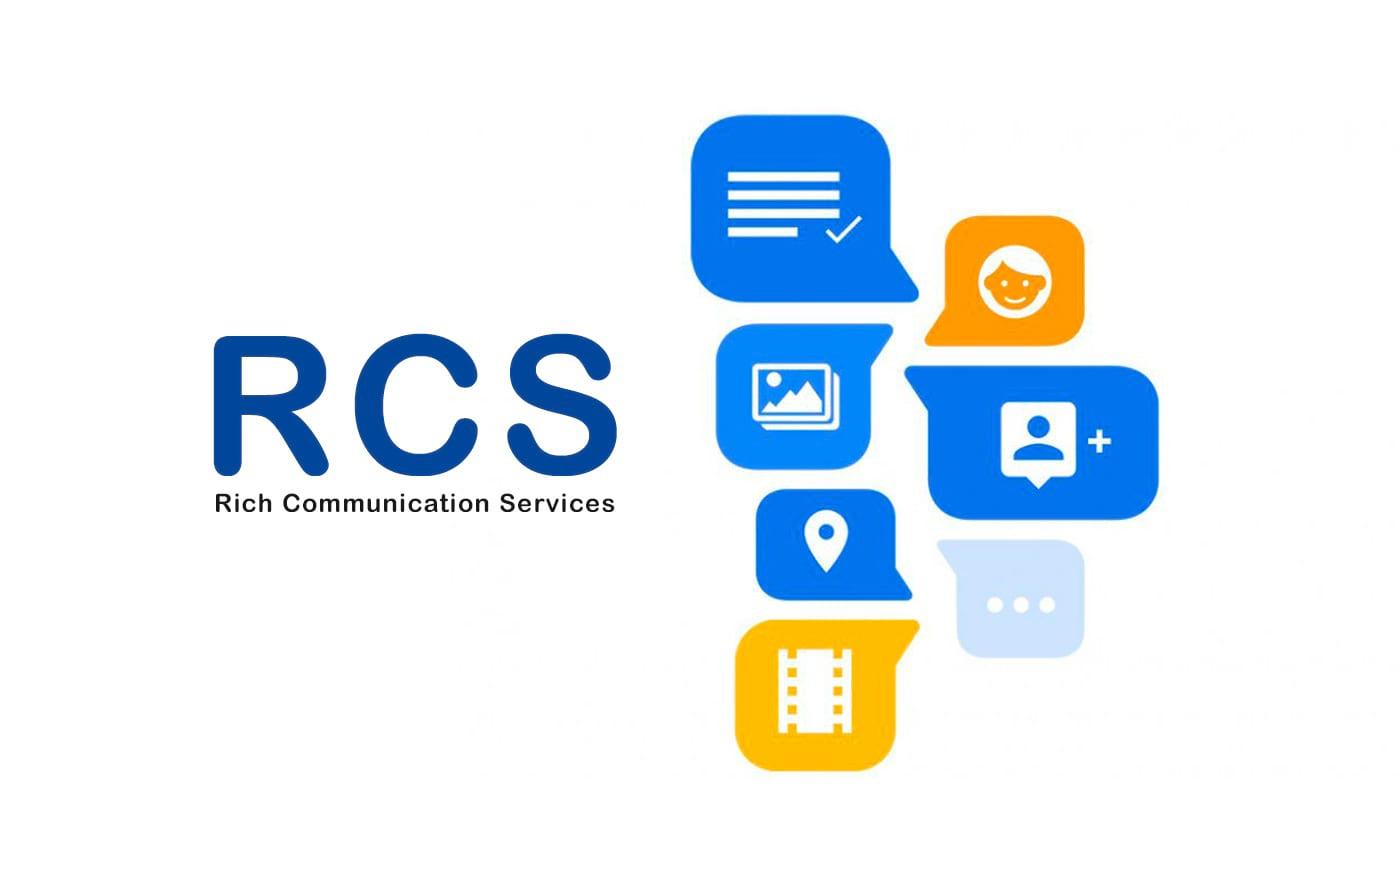 تصمیم جدی گوگل برای حذف SMS با بستر RCS و پیامرسان اختصاصی